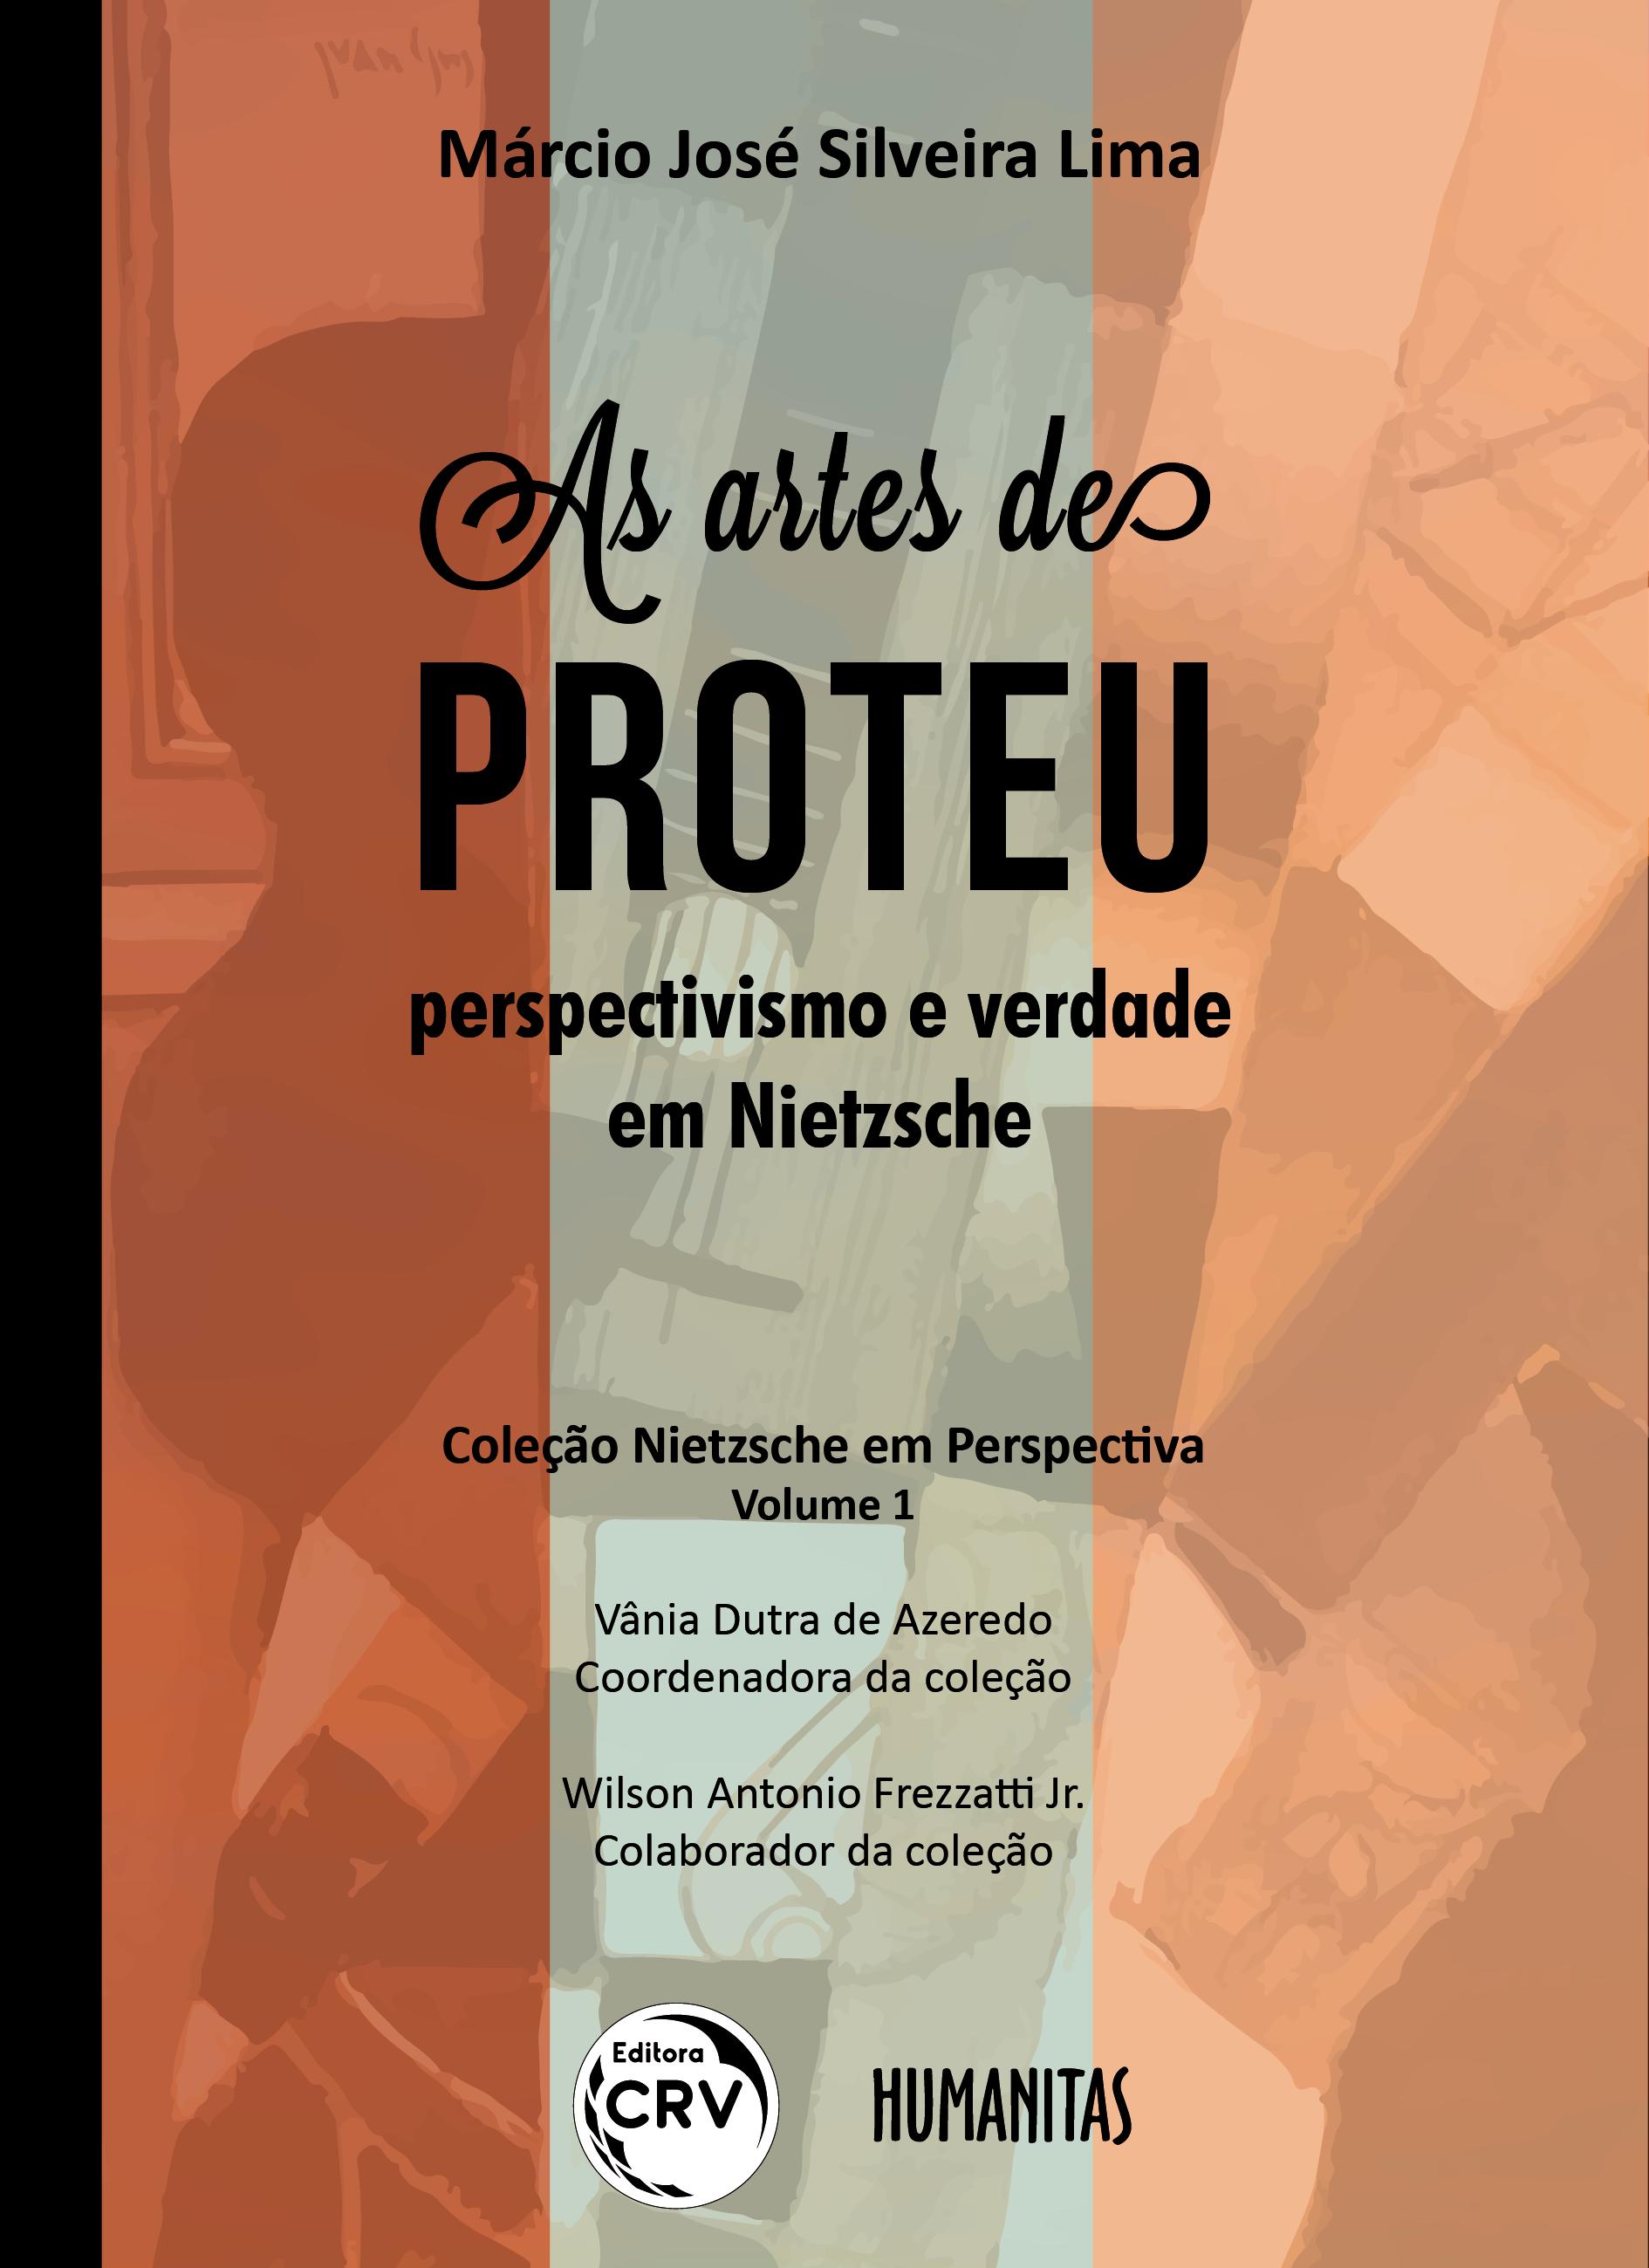 Capa do livro: AS ARTES DE PROTEU:<br>perspectivismo e verdade em Nietzsche<br>COLEÇÃO NIETZSCHE EM PERSPECTIVA<br>VOLUME I